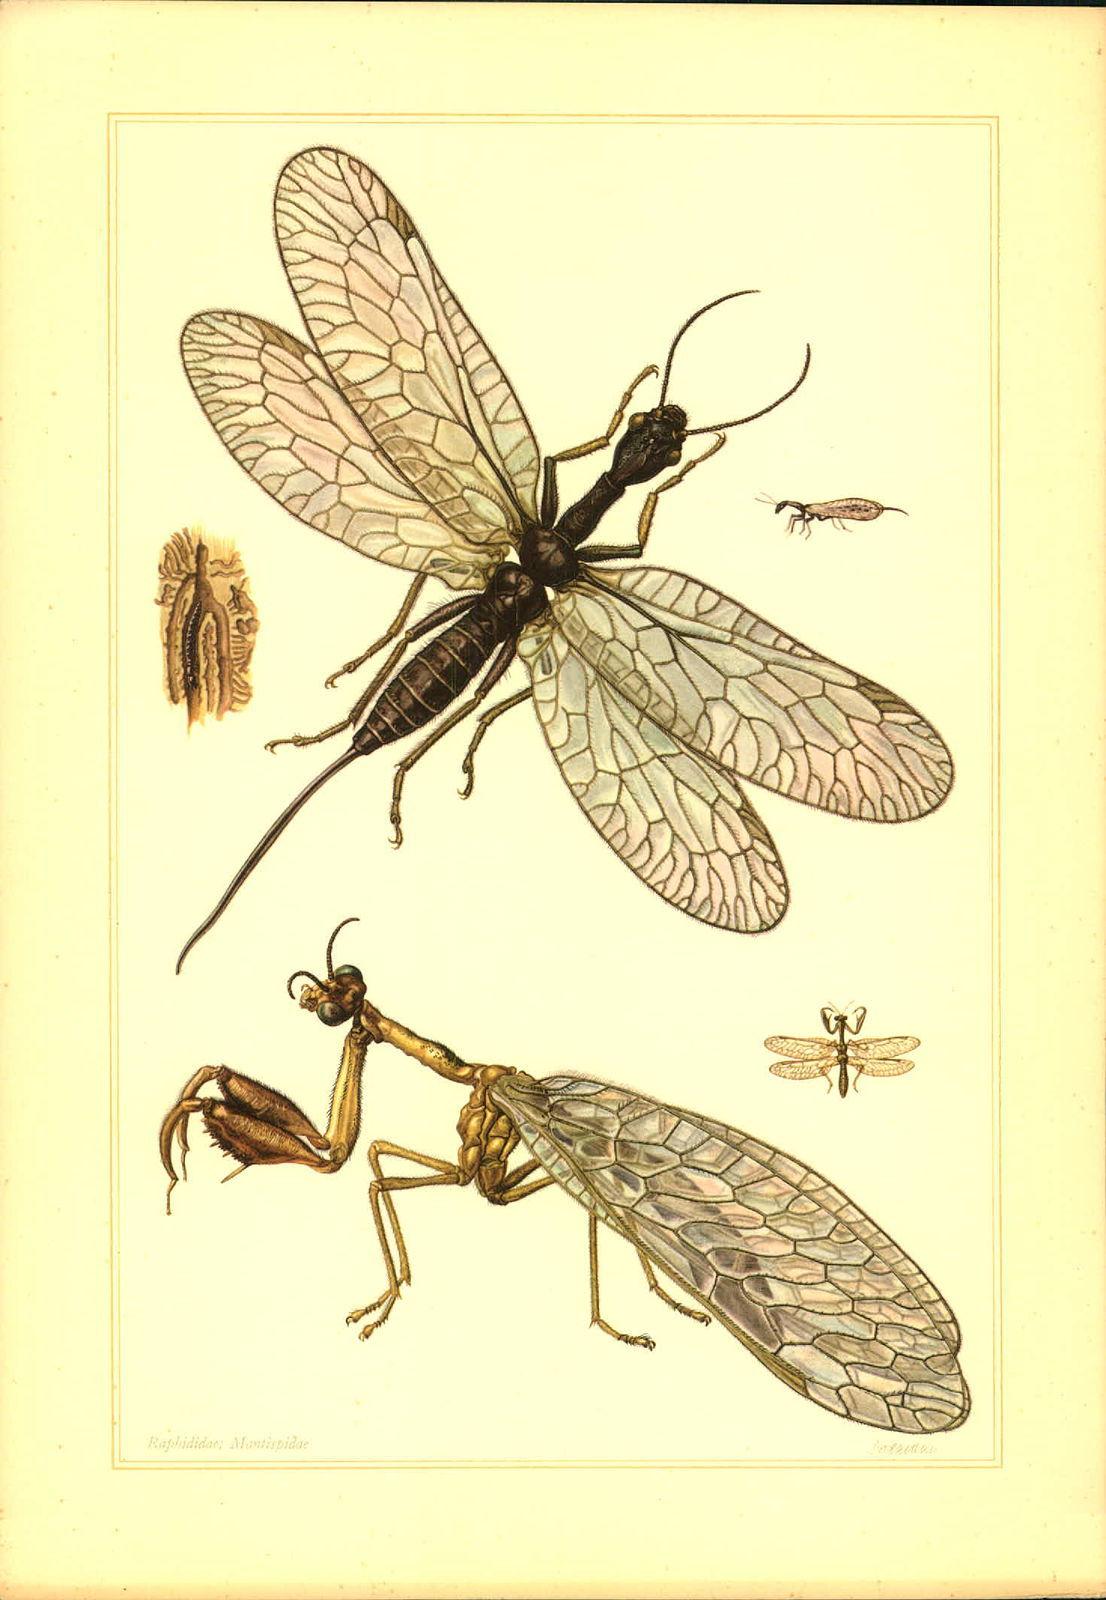 Schlangenäugige Kamelhalsfliege (Mantispa pagana) Nach einem Bild von Grossmann